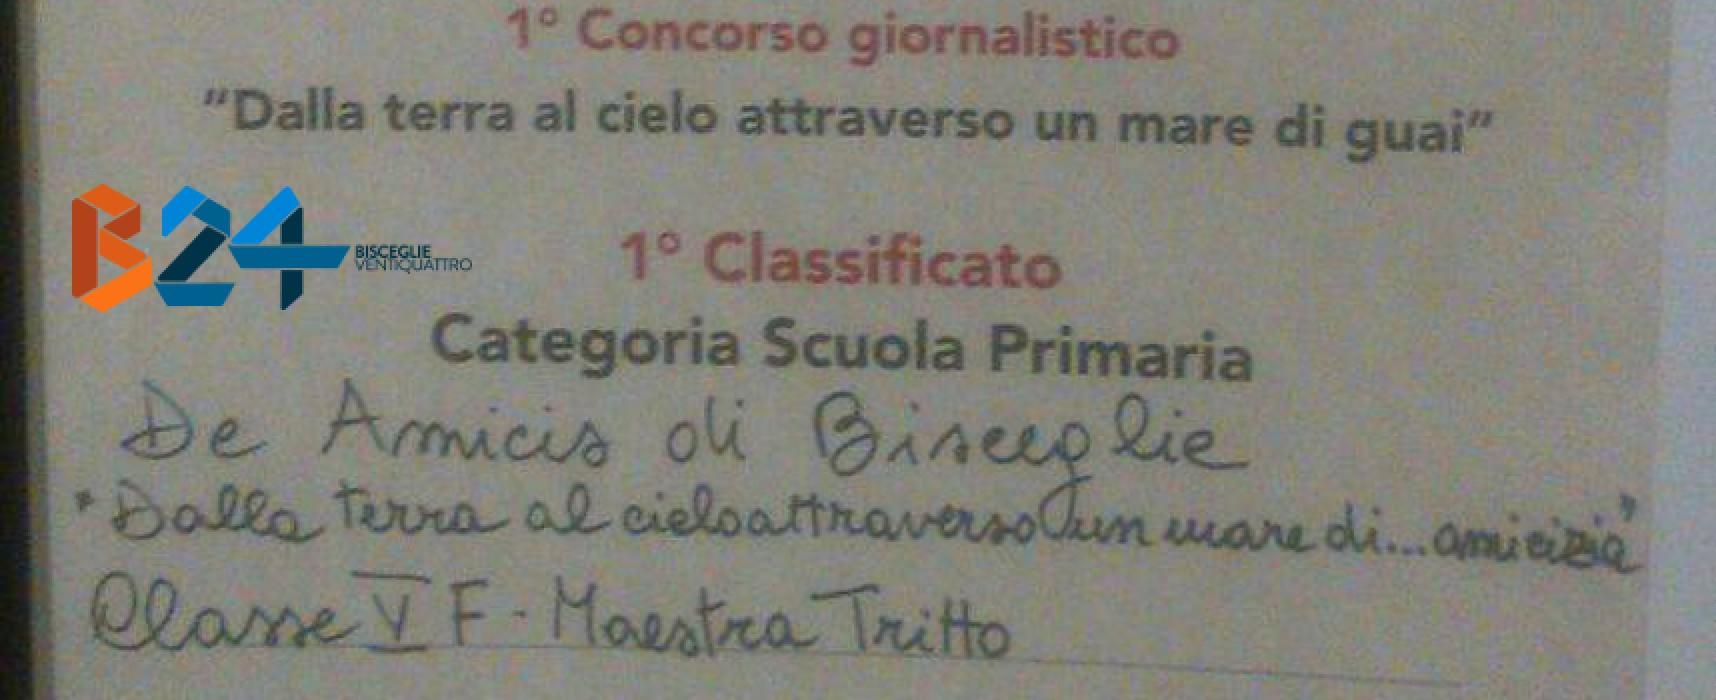 """""""Dalla terra al cielo in un mare di guai"""", concorso vinto dalla V F della scuola De Amicis"""